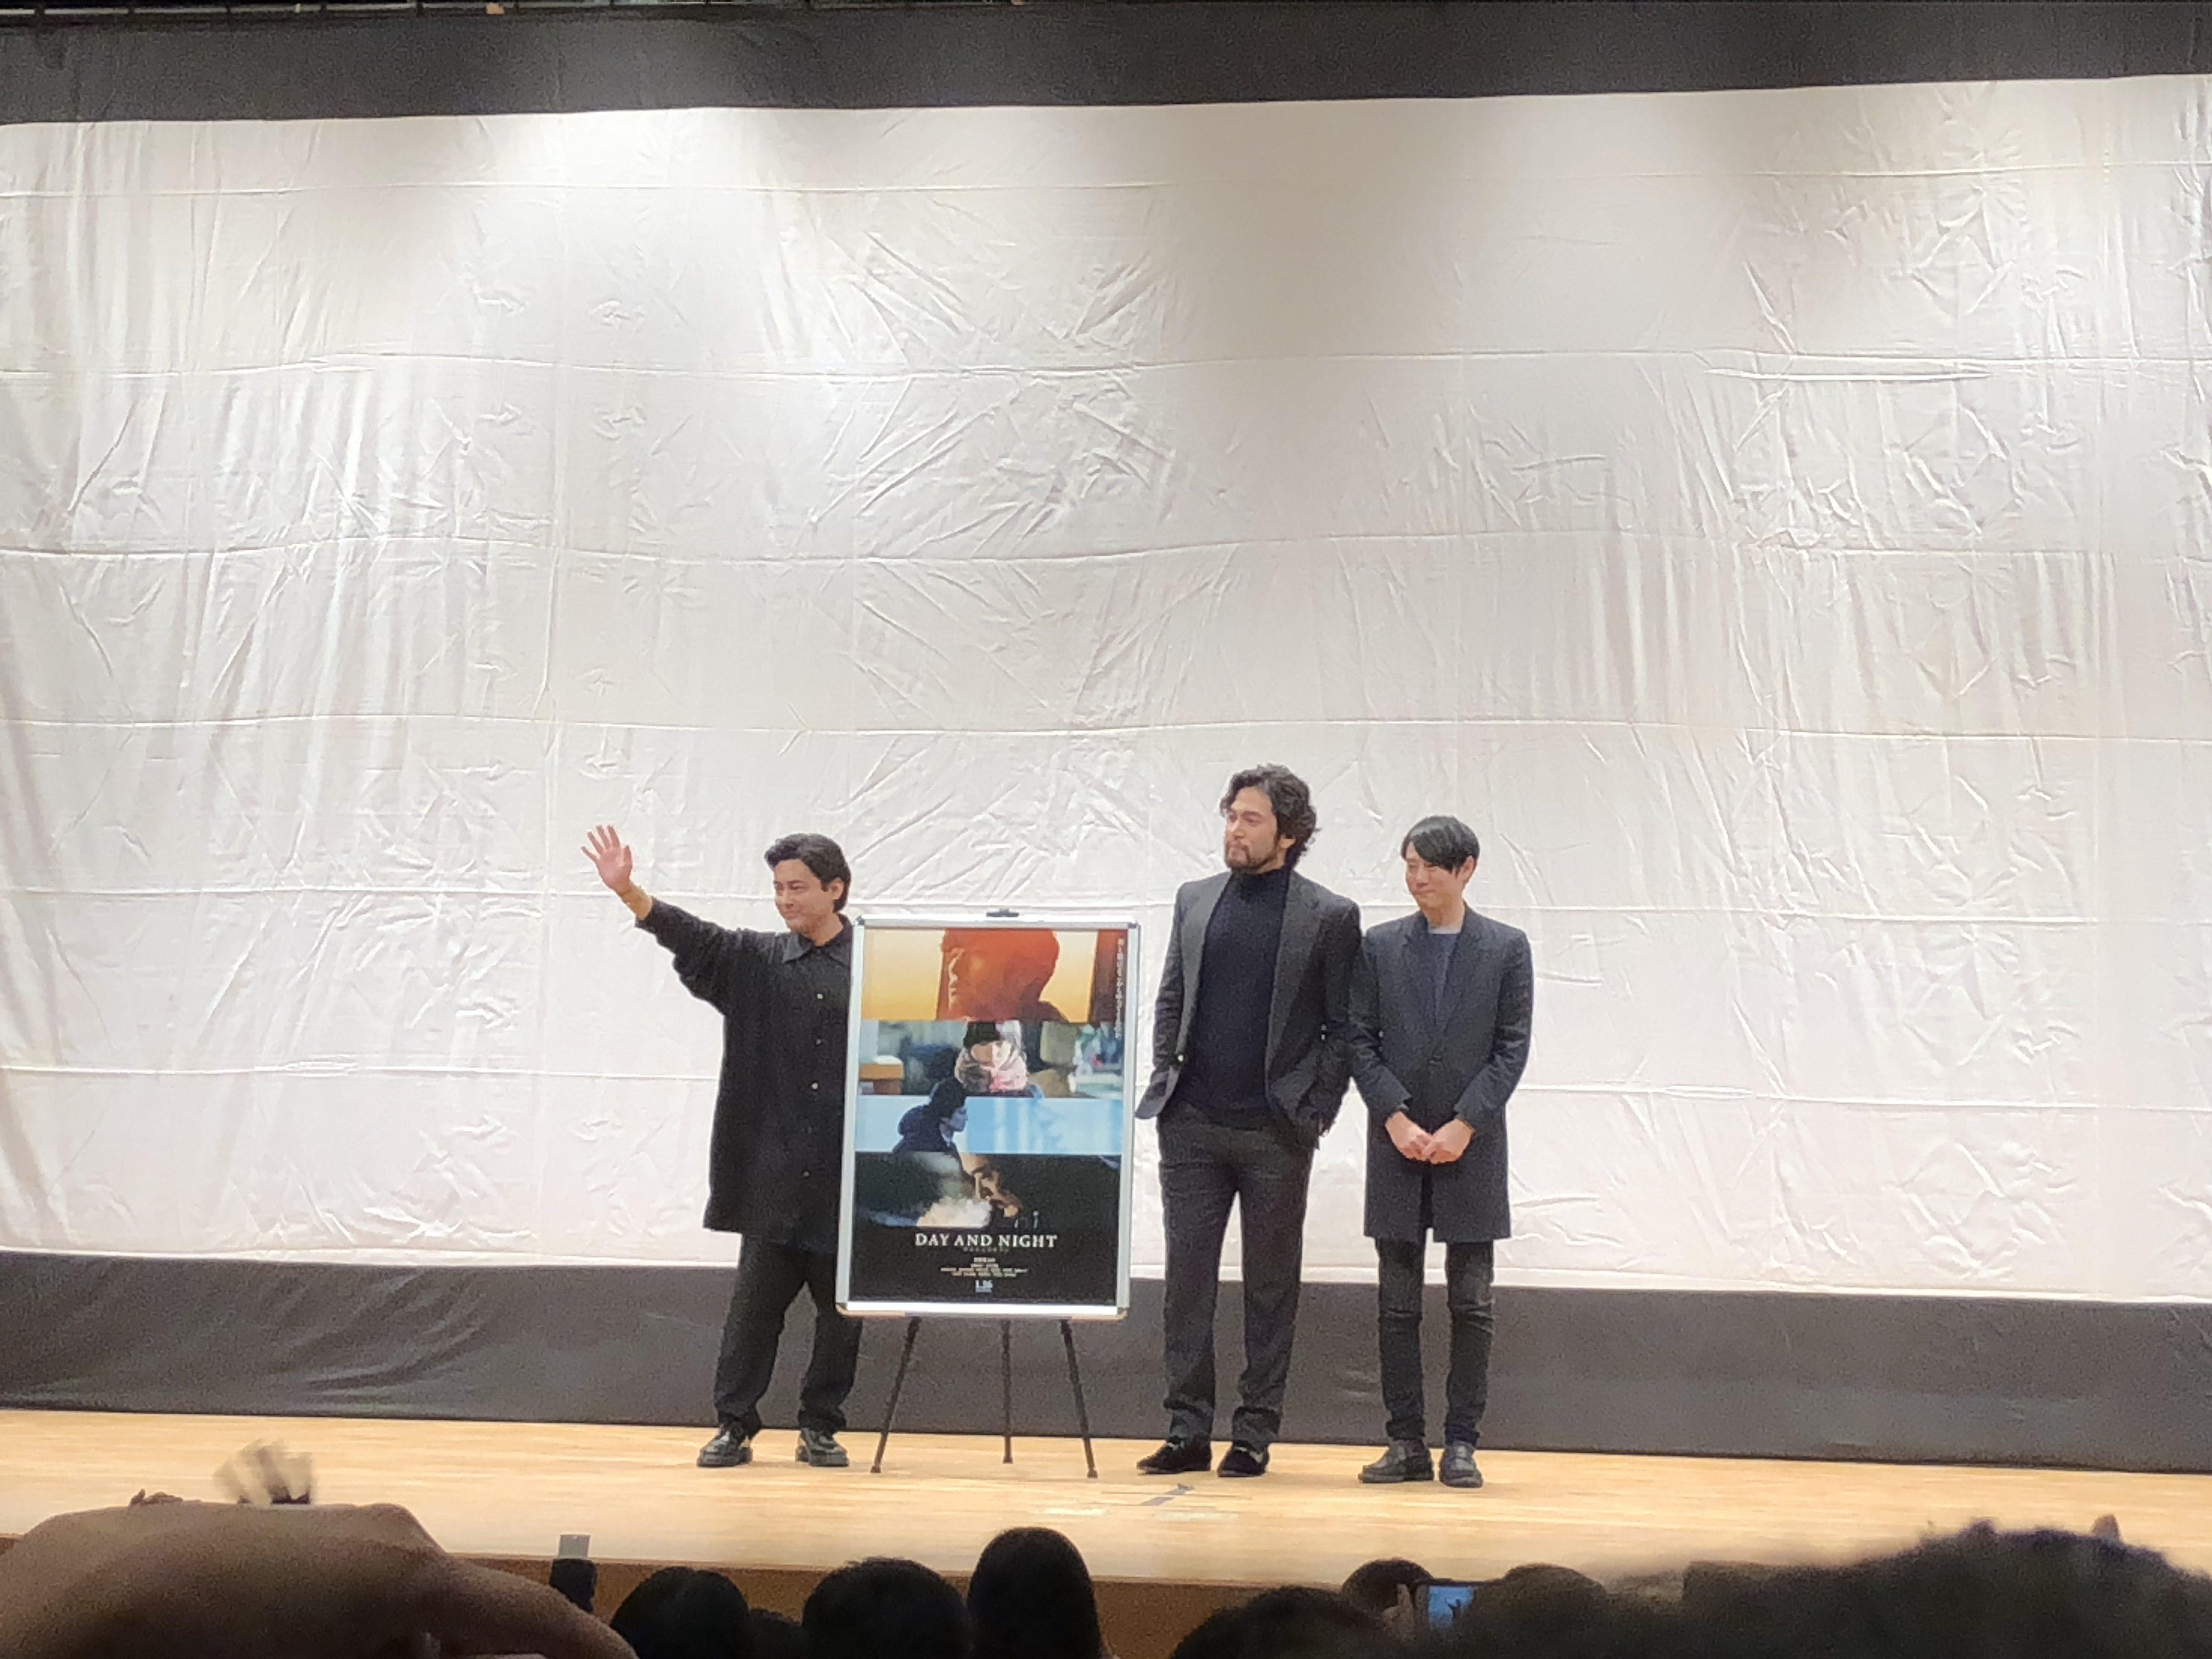 【山田孝之】映画DAY AND NIGHT薩摩川内先行上映レポ!【弱ネタバレあり】